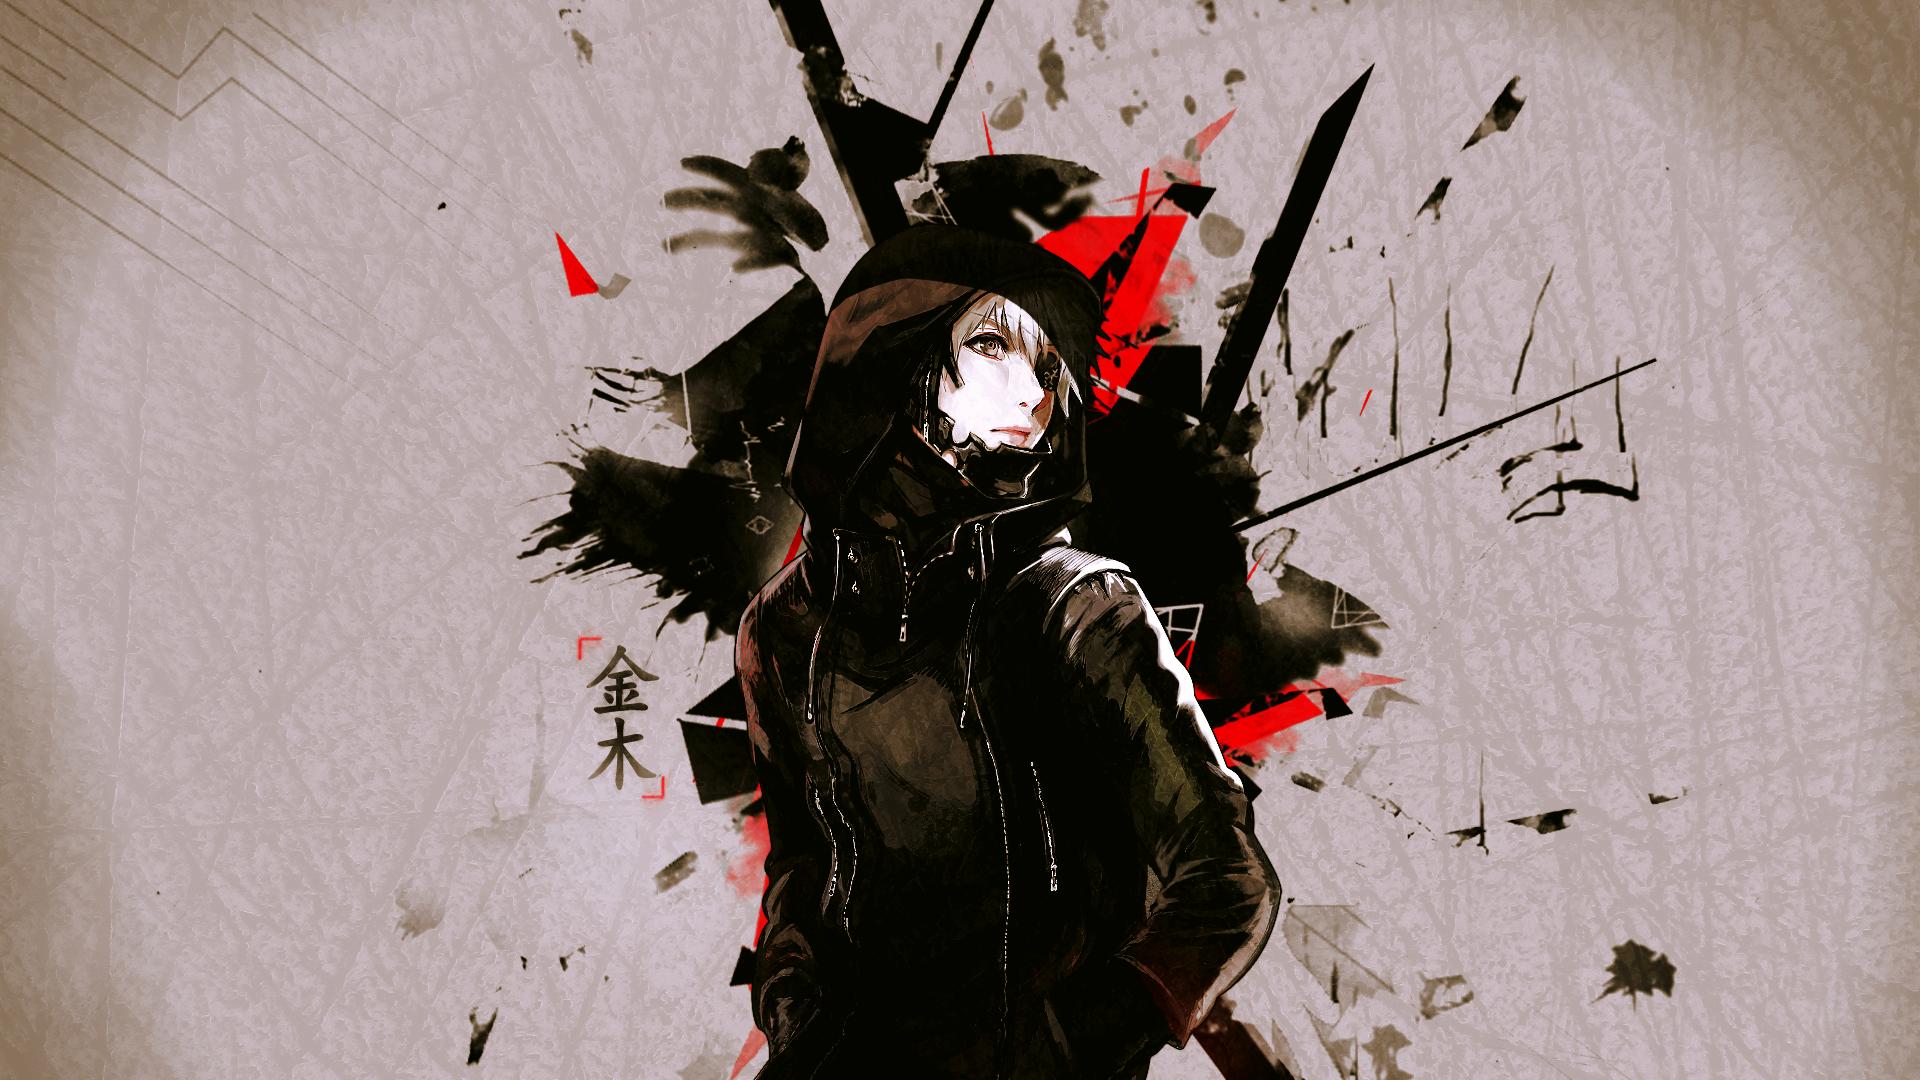 Tokyo Ghoul Kaneki Ken Wallpaper By Aracanthis On Deviantart